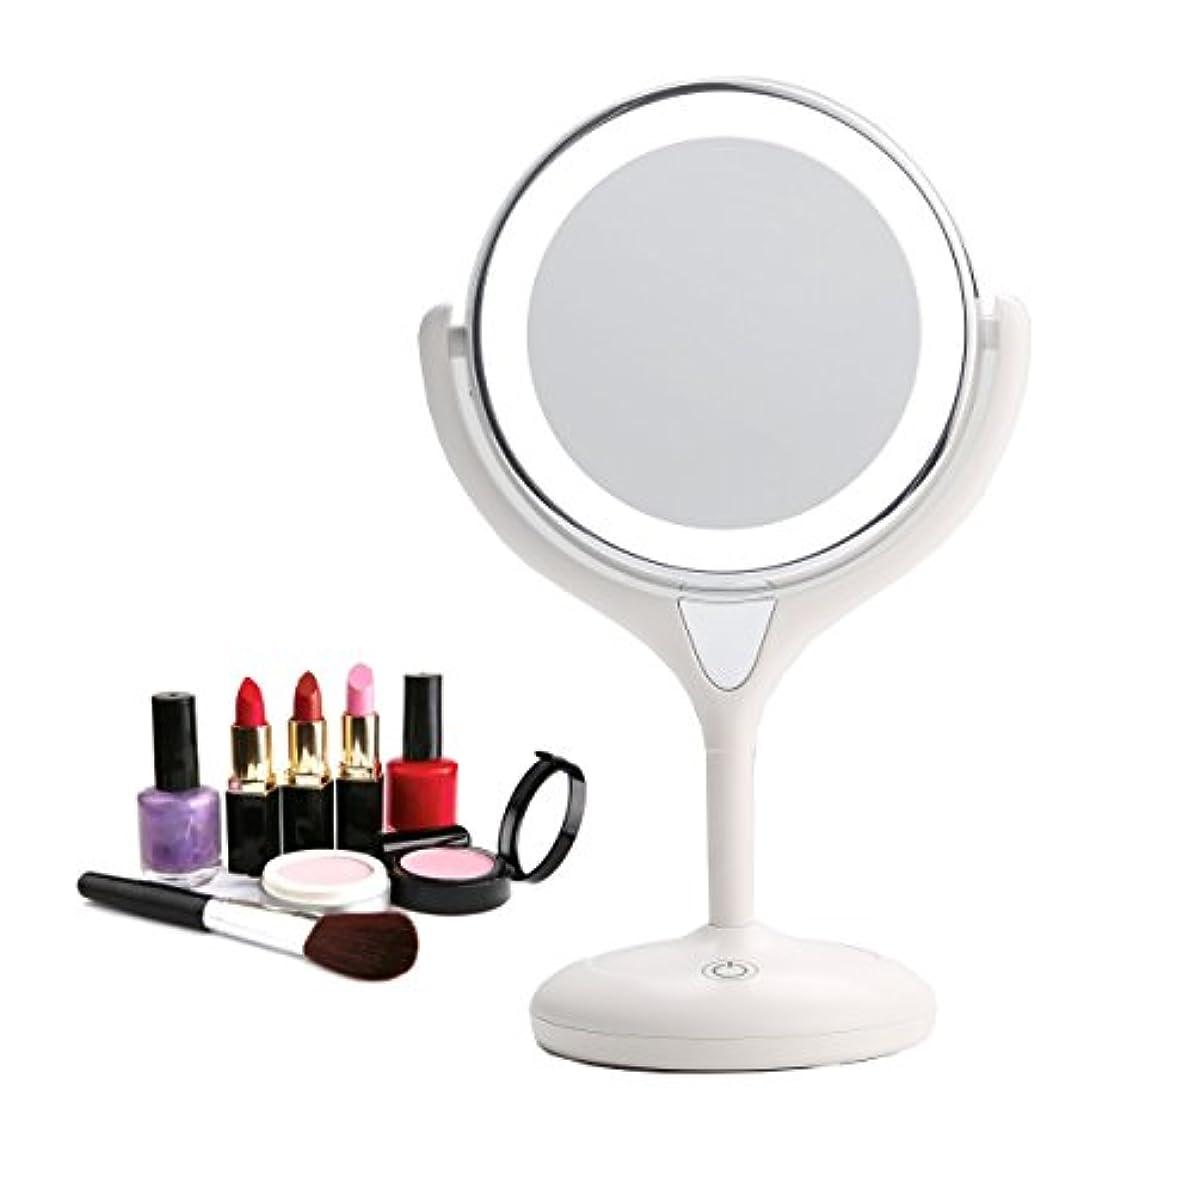 ボウリングオペラ月曜日Bestaid-スタンドミラー シンプルデザイン 真実の両面鏡DX 10倍拡大鏡 360度回転 卓上鏡 メイク 化粧道具 14 * 11.5 * 28.5cm